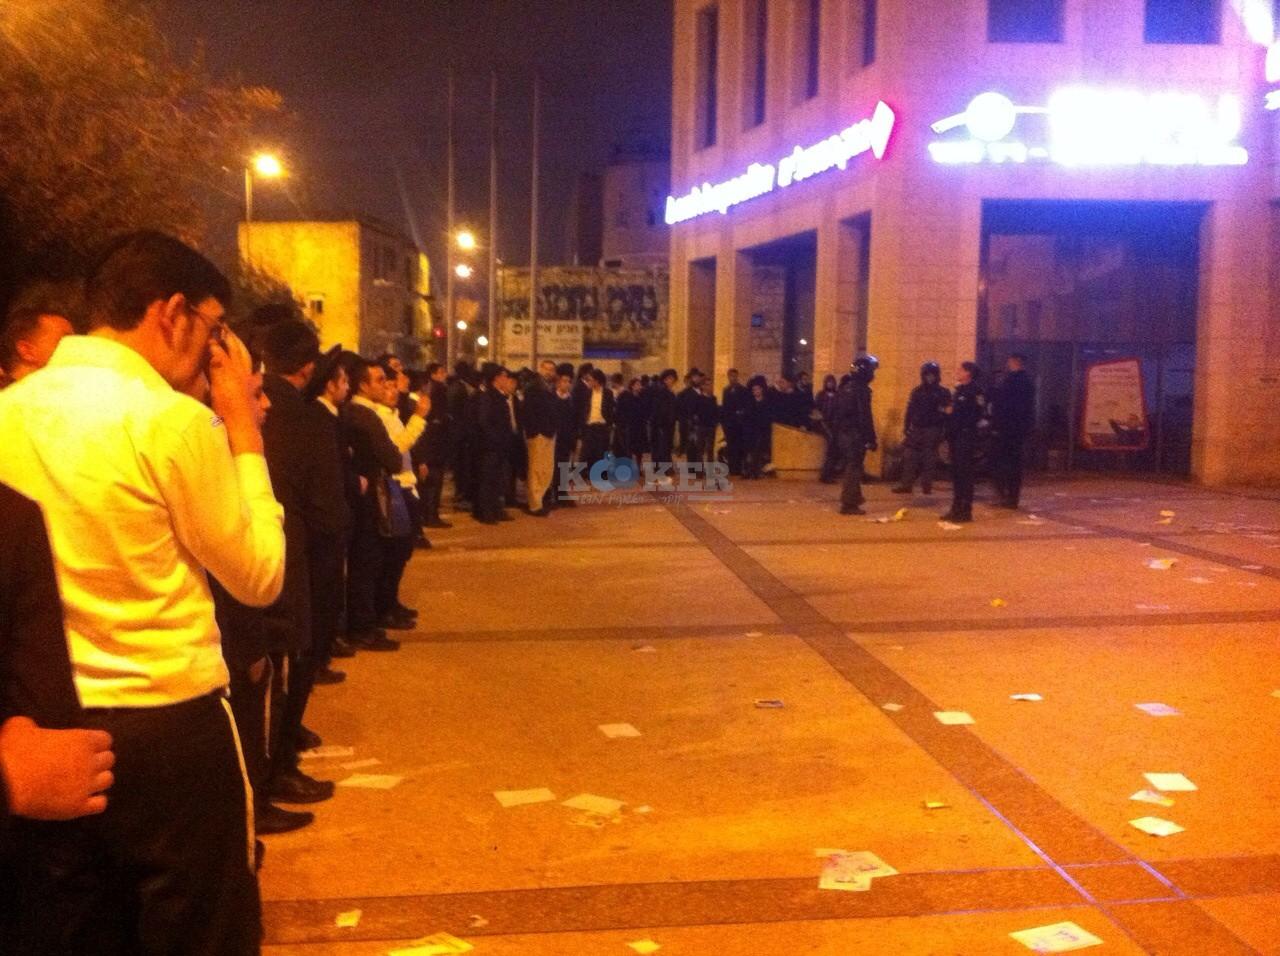 הפגנה נגד אמנון יצחק צילם חיים פביאן - סוכנות הידיעות חדשות 24 (5)